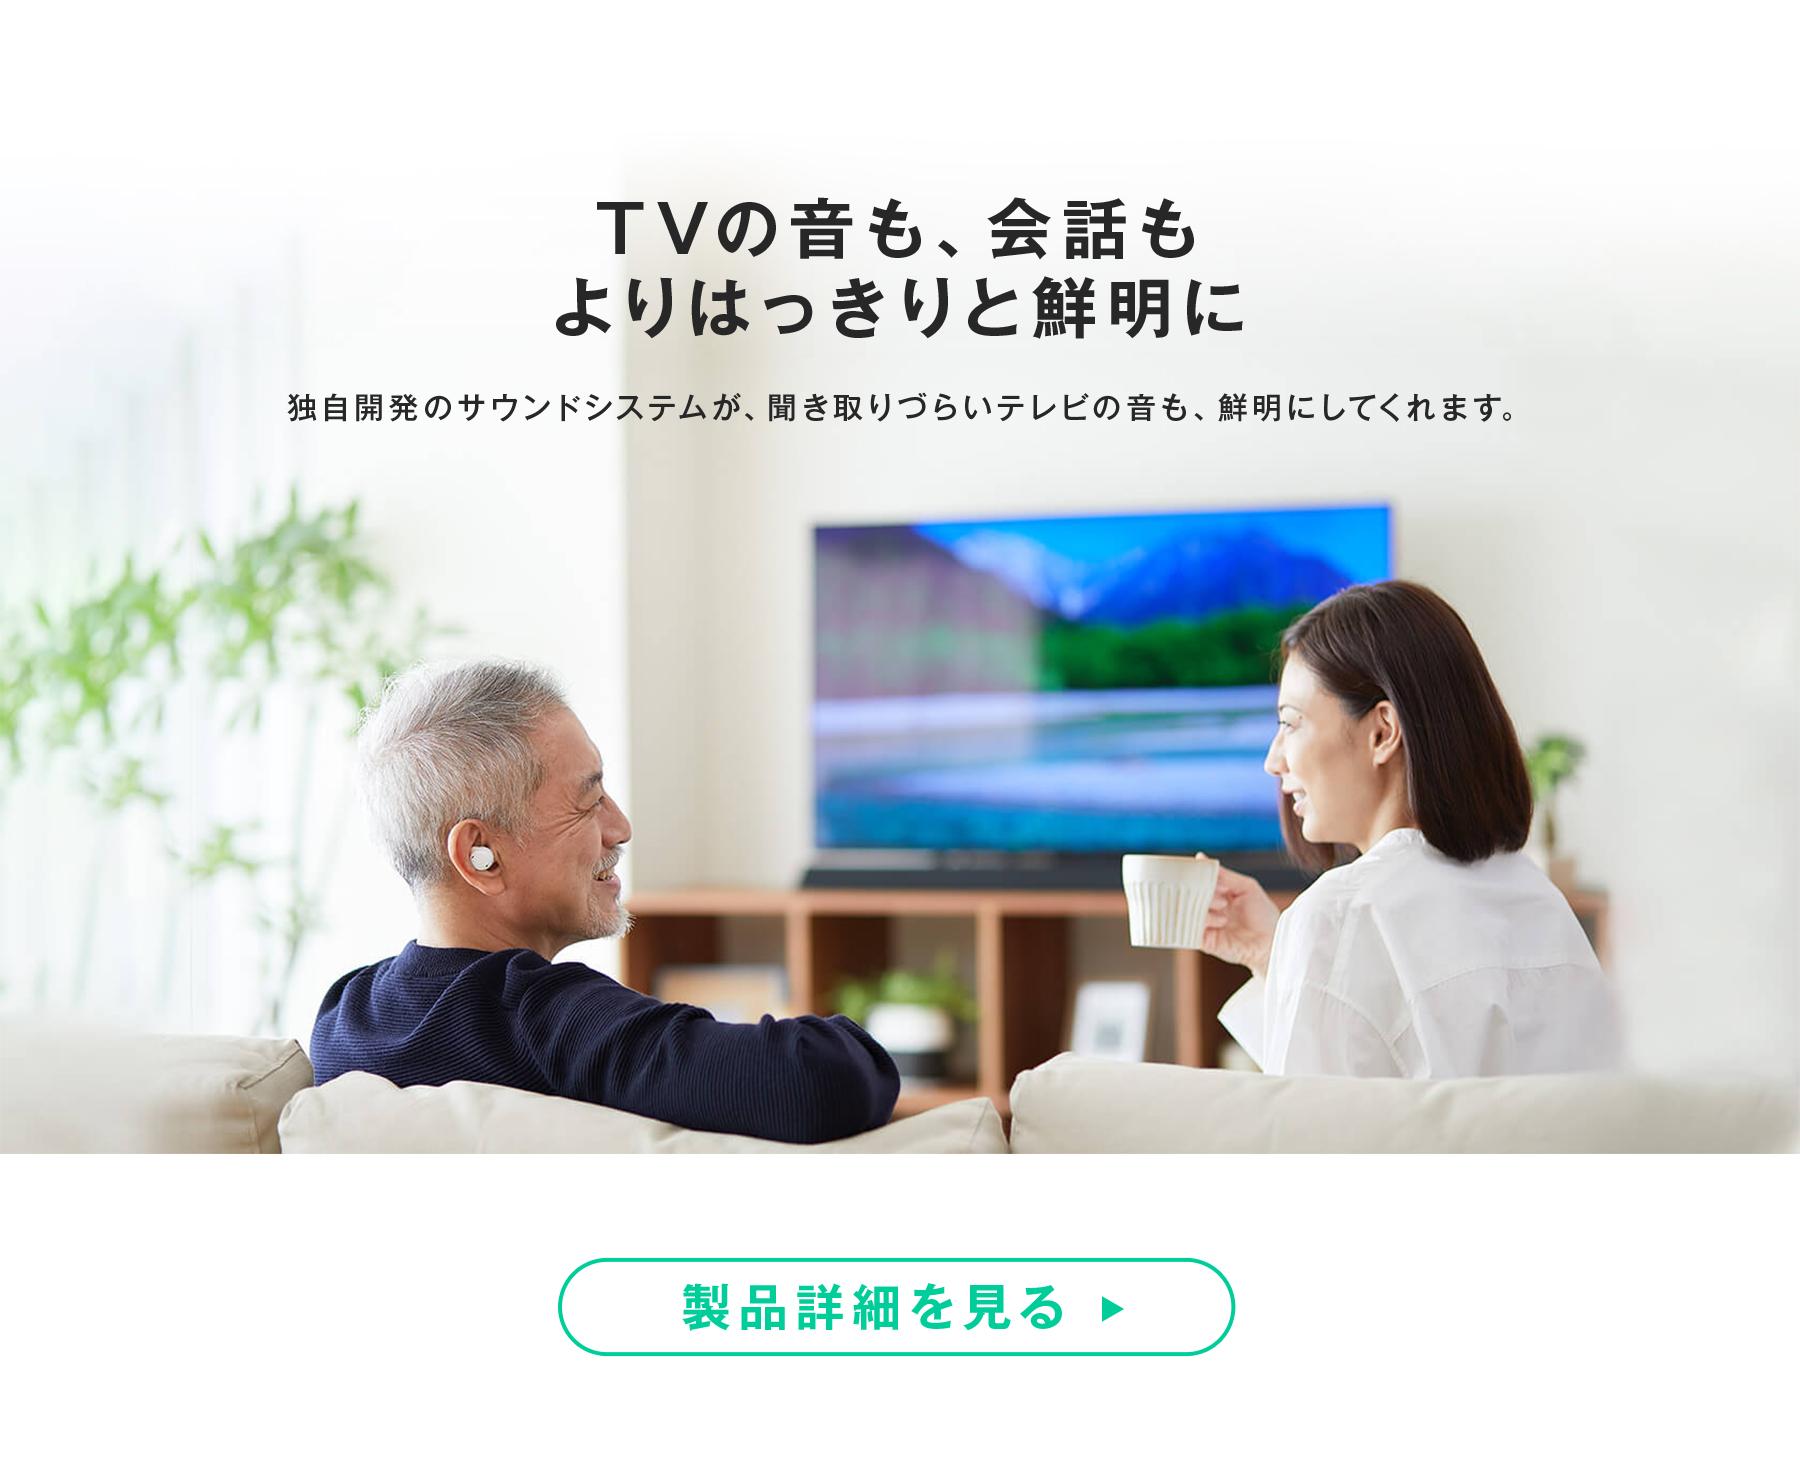 TVの音も、会話もよりはっきりと鮮明に